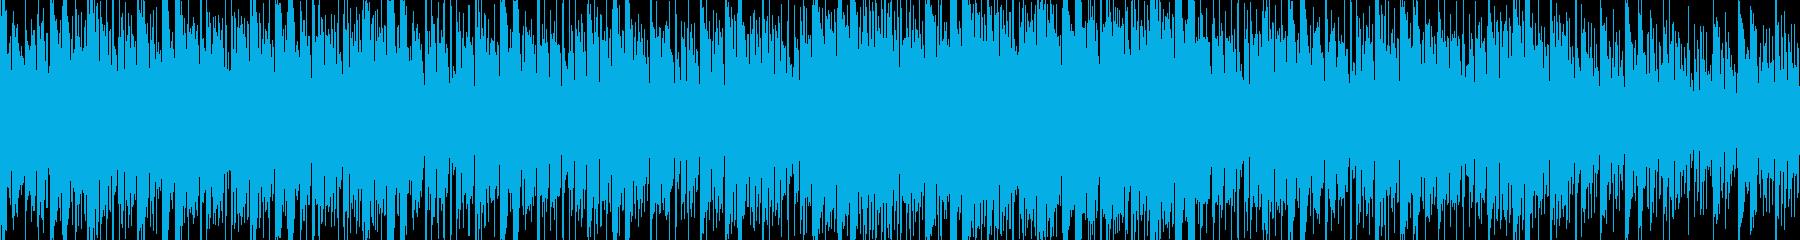 近未来電脳世界をイメージさせるテクノ系の再生済みの波形